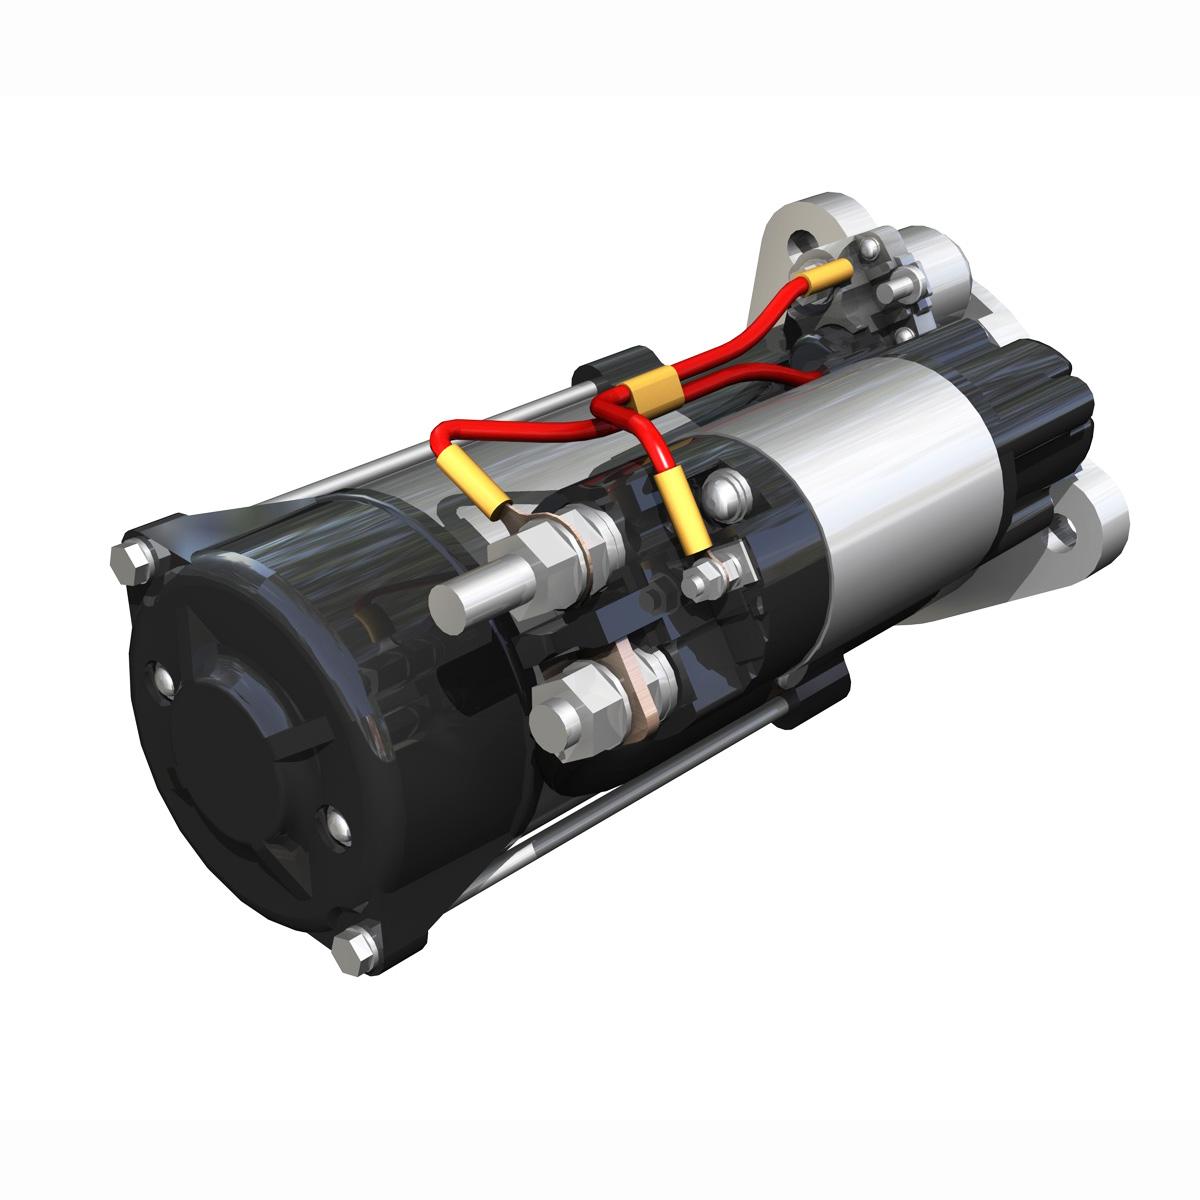 starter motor 3d model 3ds fbx c4d lwo obj 190116